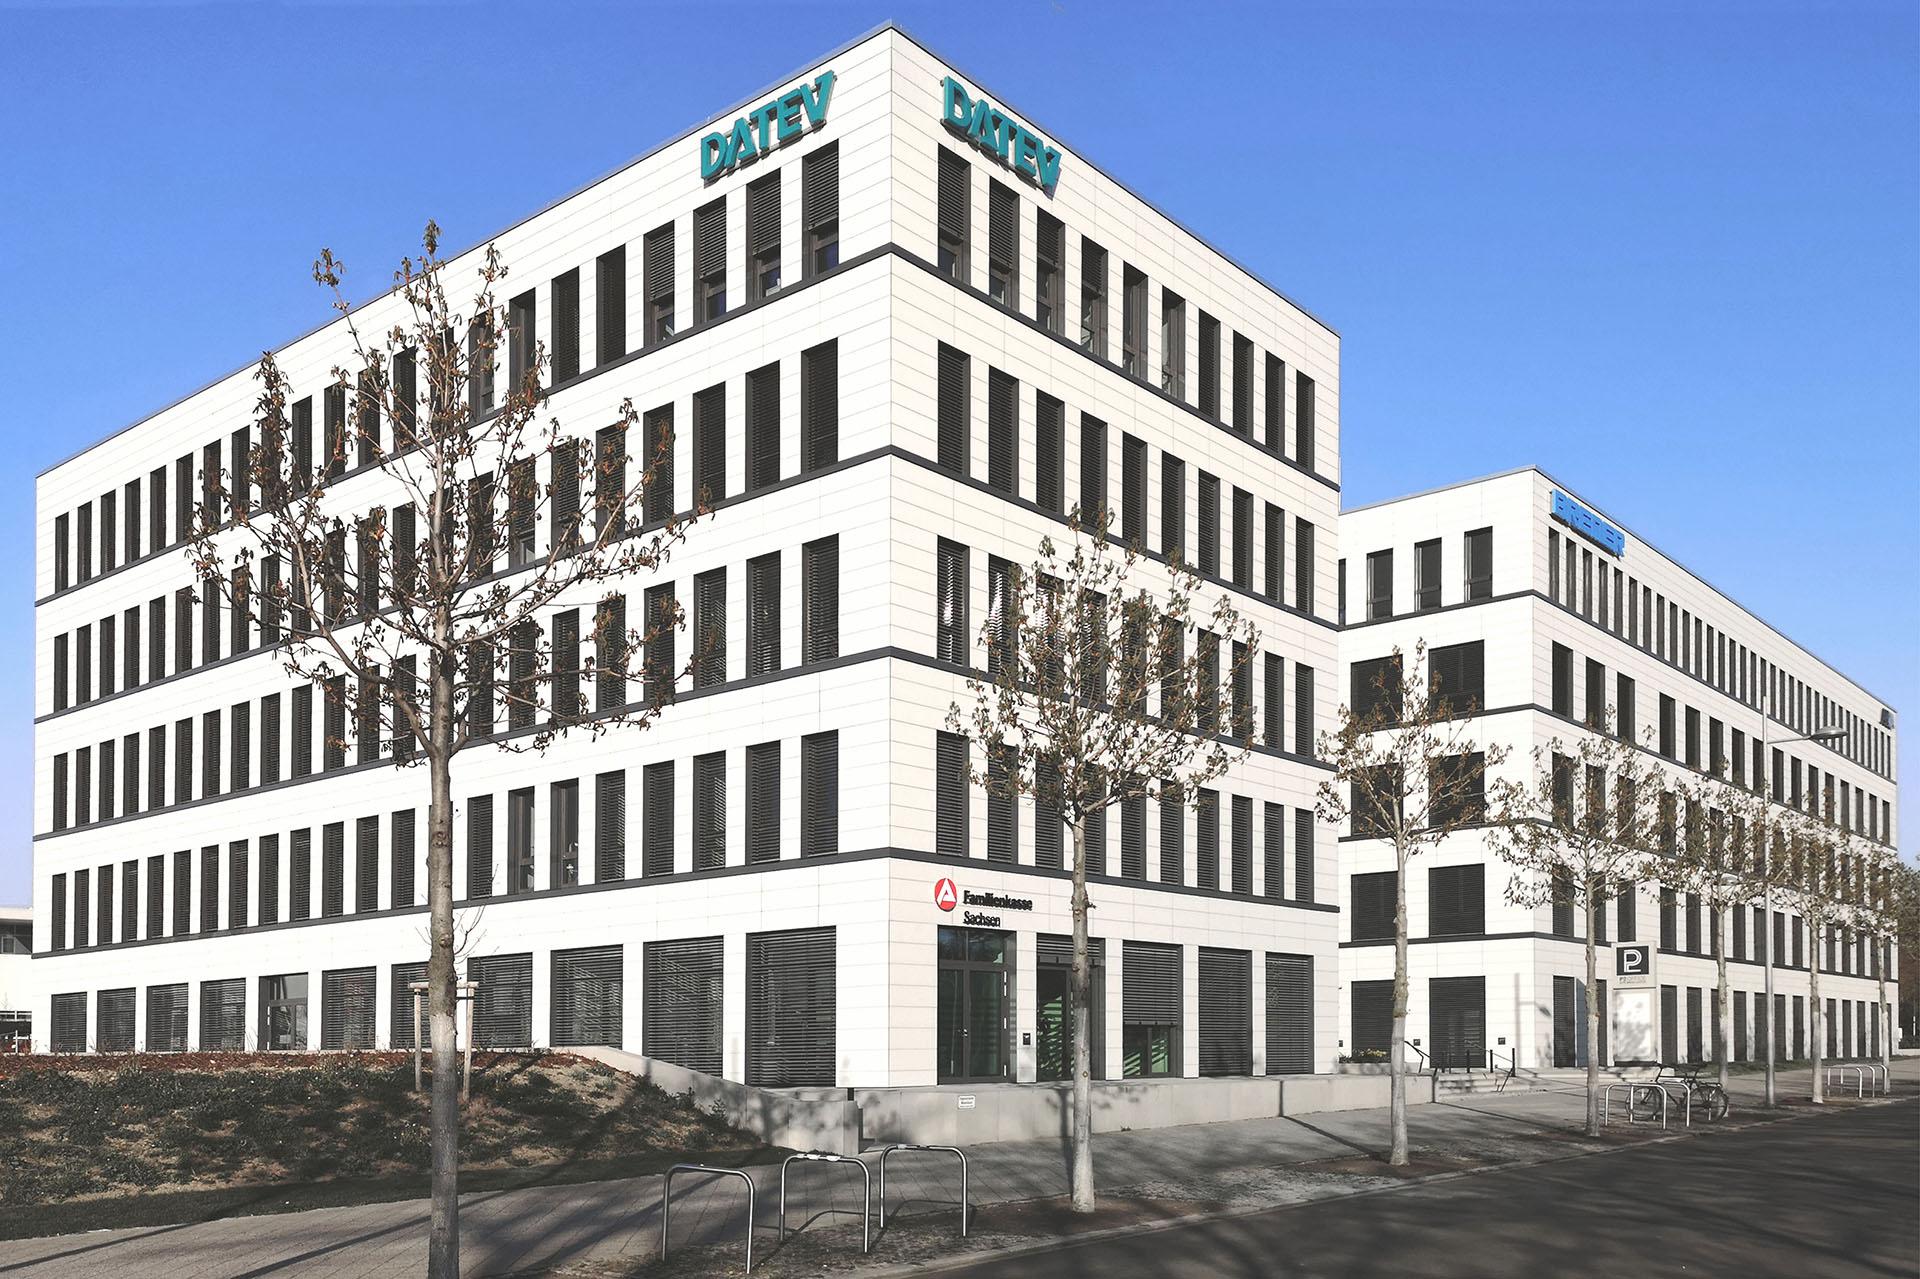 Büro- und Geschäftshaus | Leipzig, alte Messe